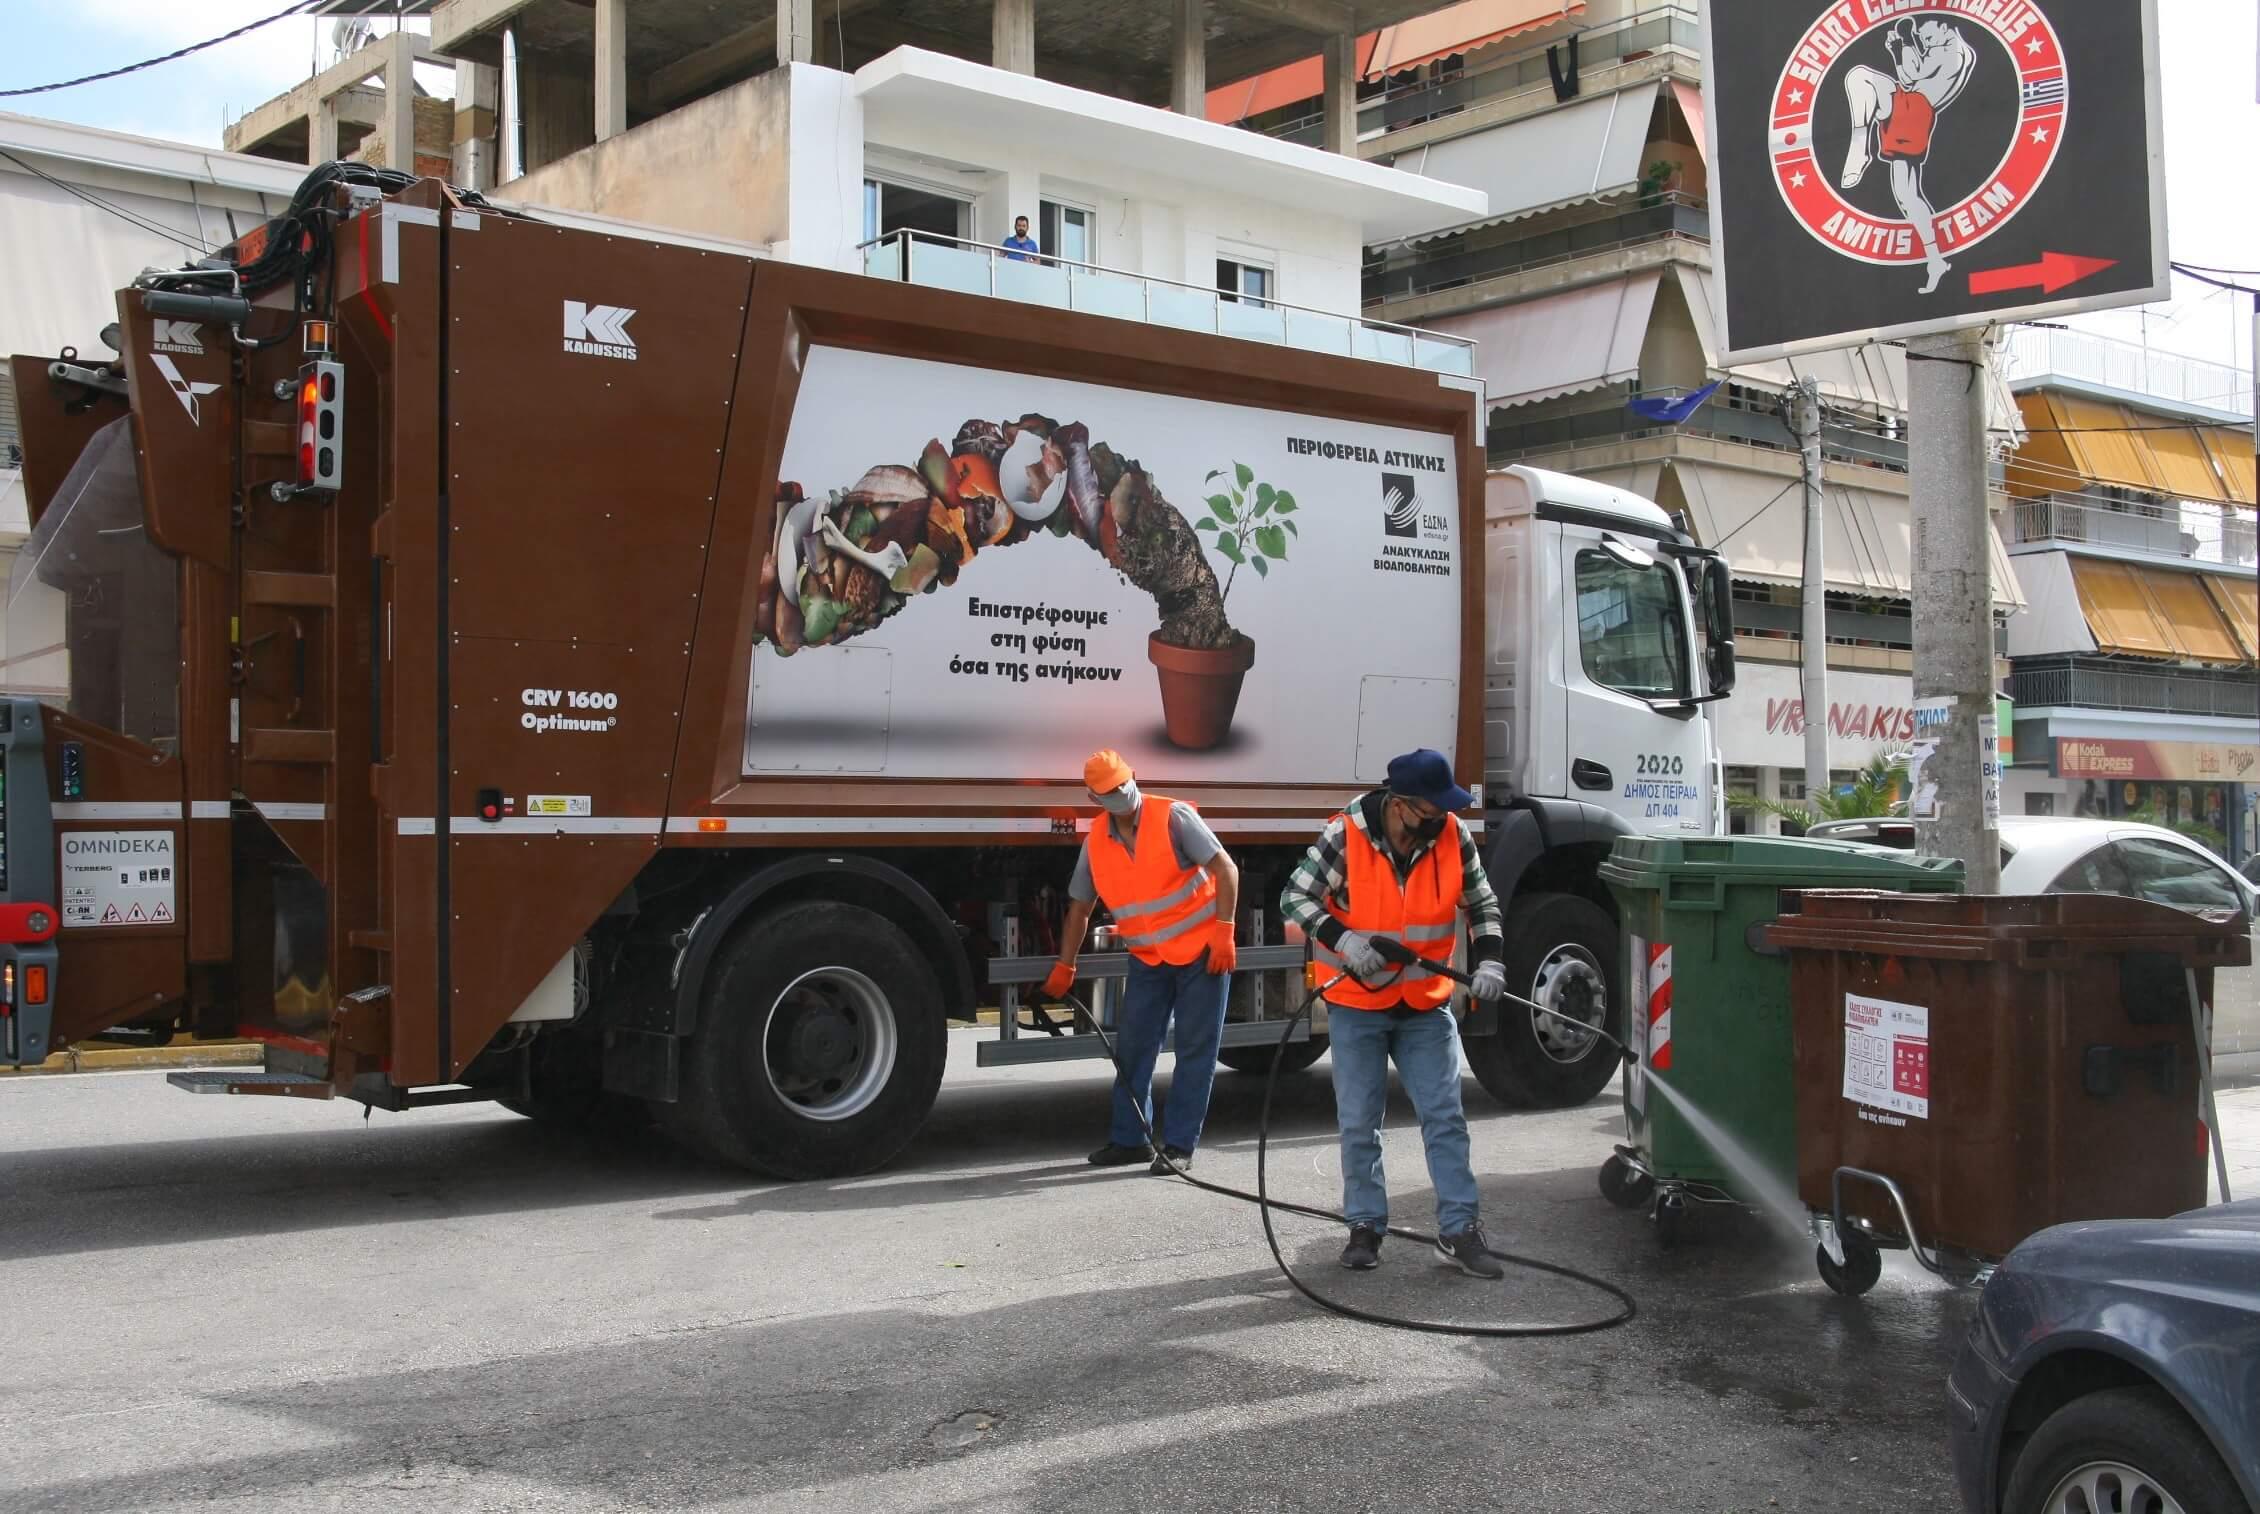 Επεκτείνεται το πρόγραμμα συλλογής Βιοαποβλήτων στον Δήμο Πειραιά